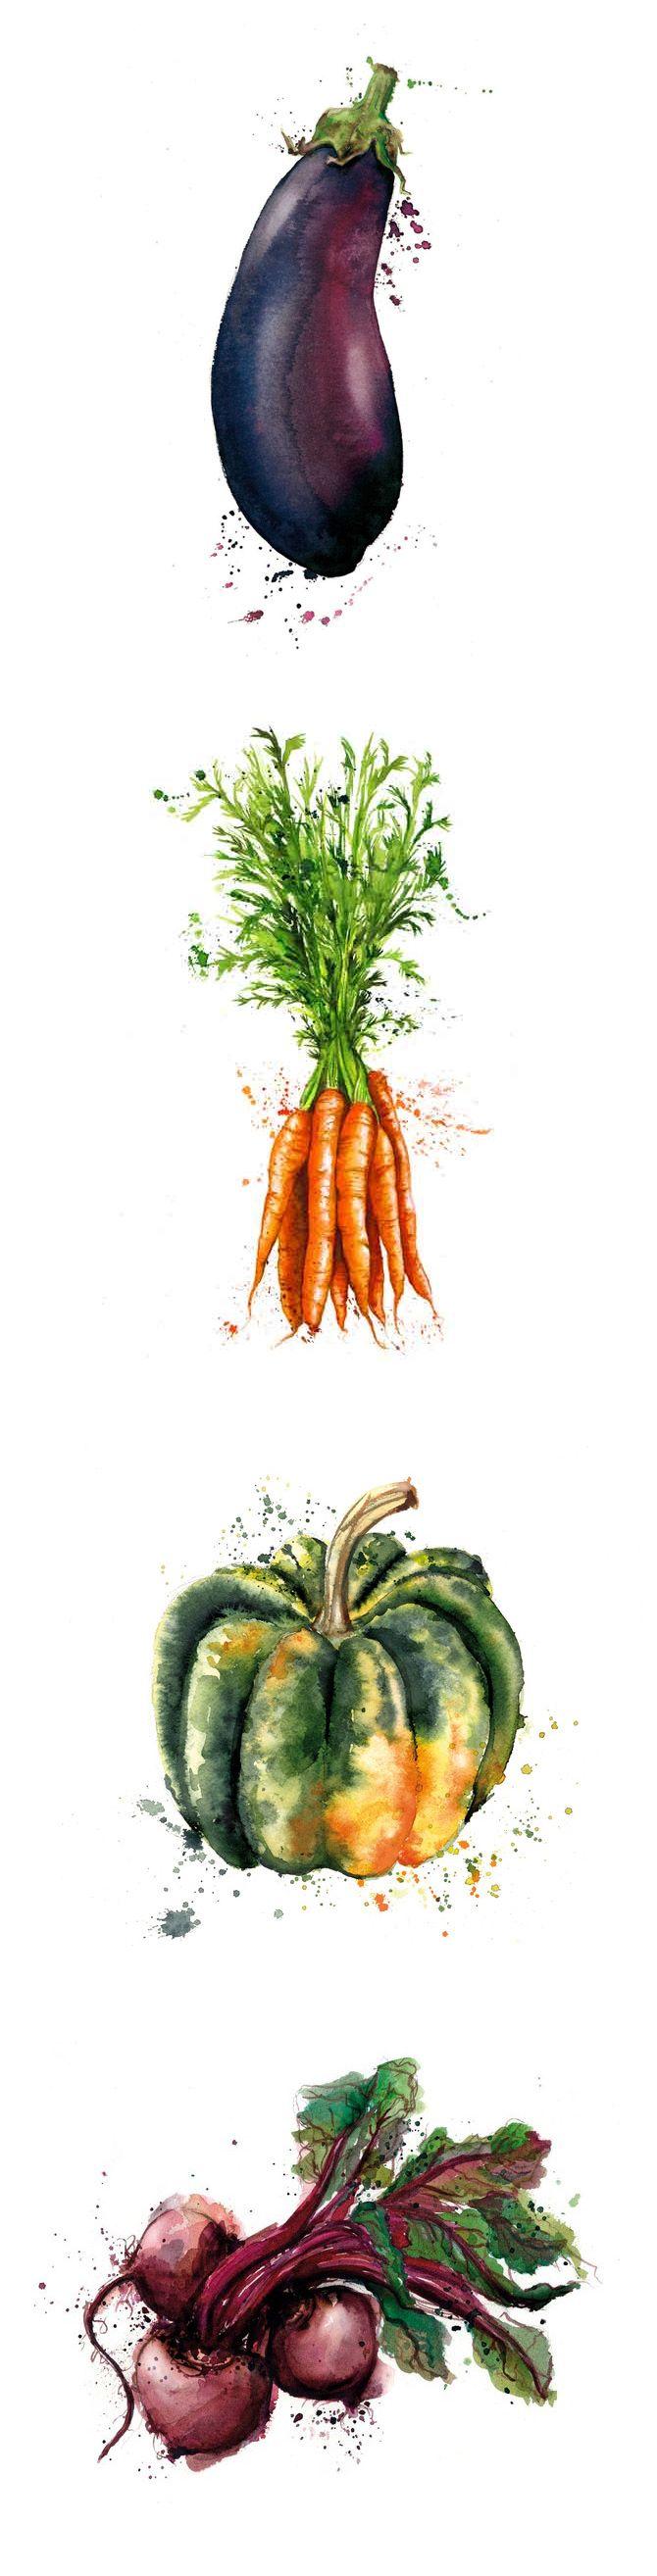 vegetables illustration drawing verdure illustrazione disegno